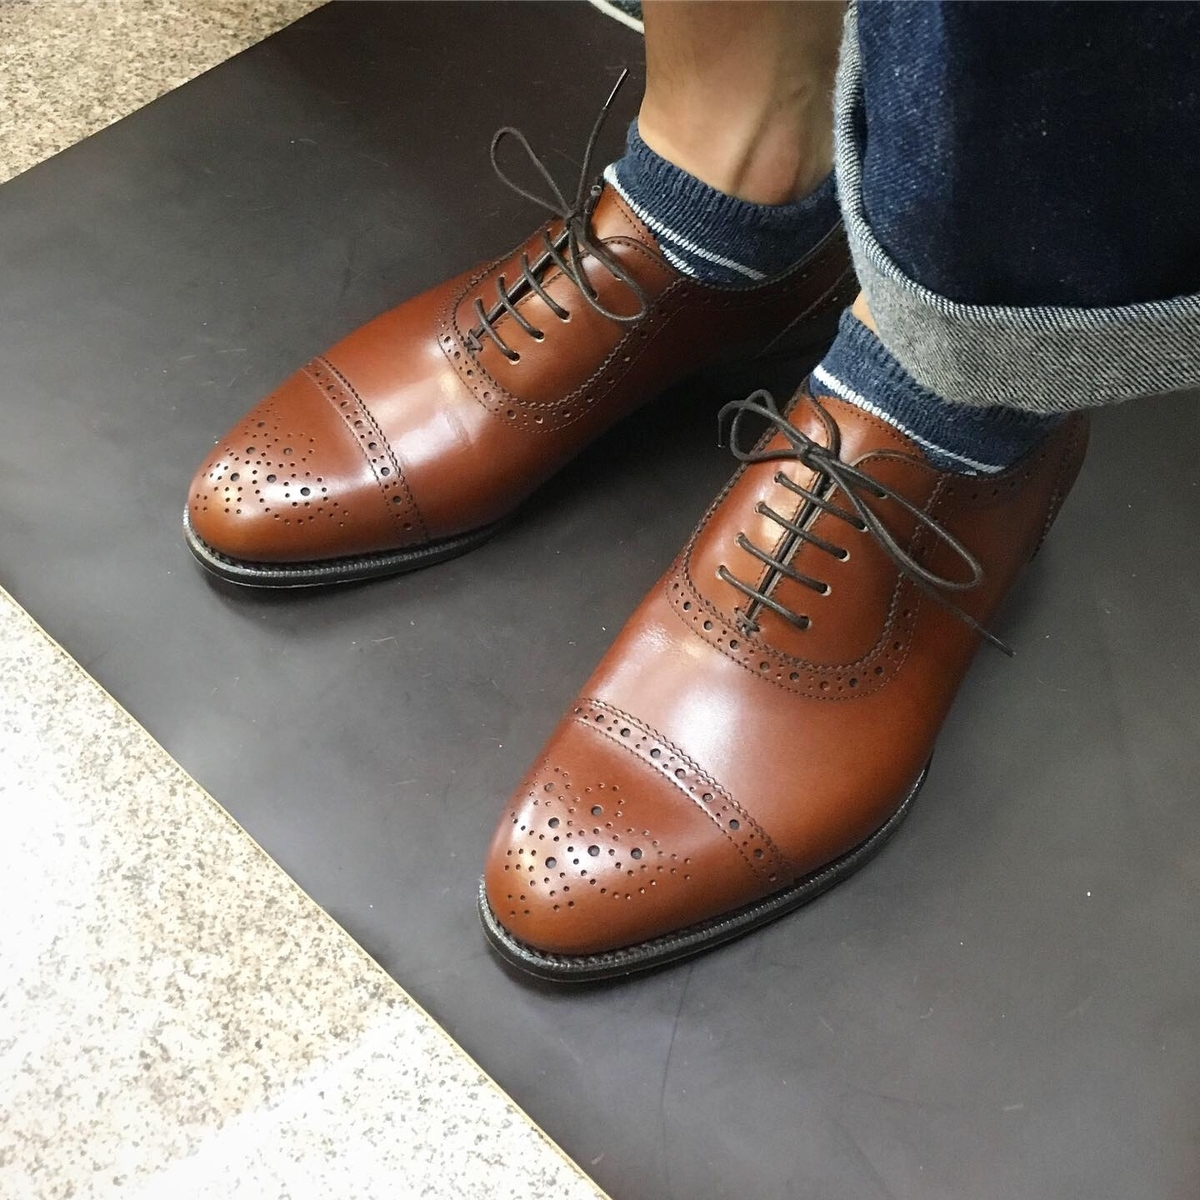 f:id:raymar-shoes:20190708220356j:plain